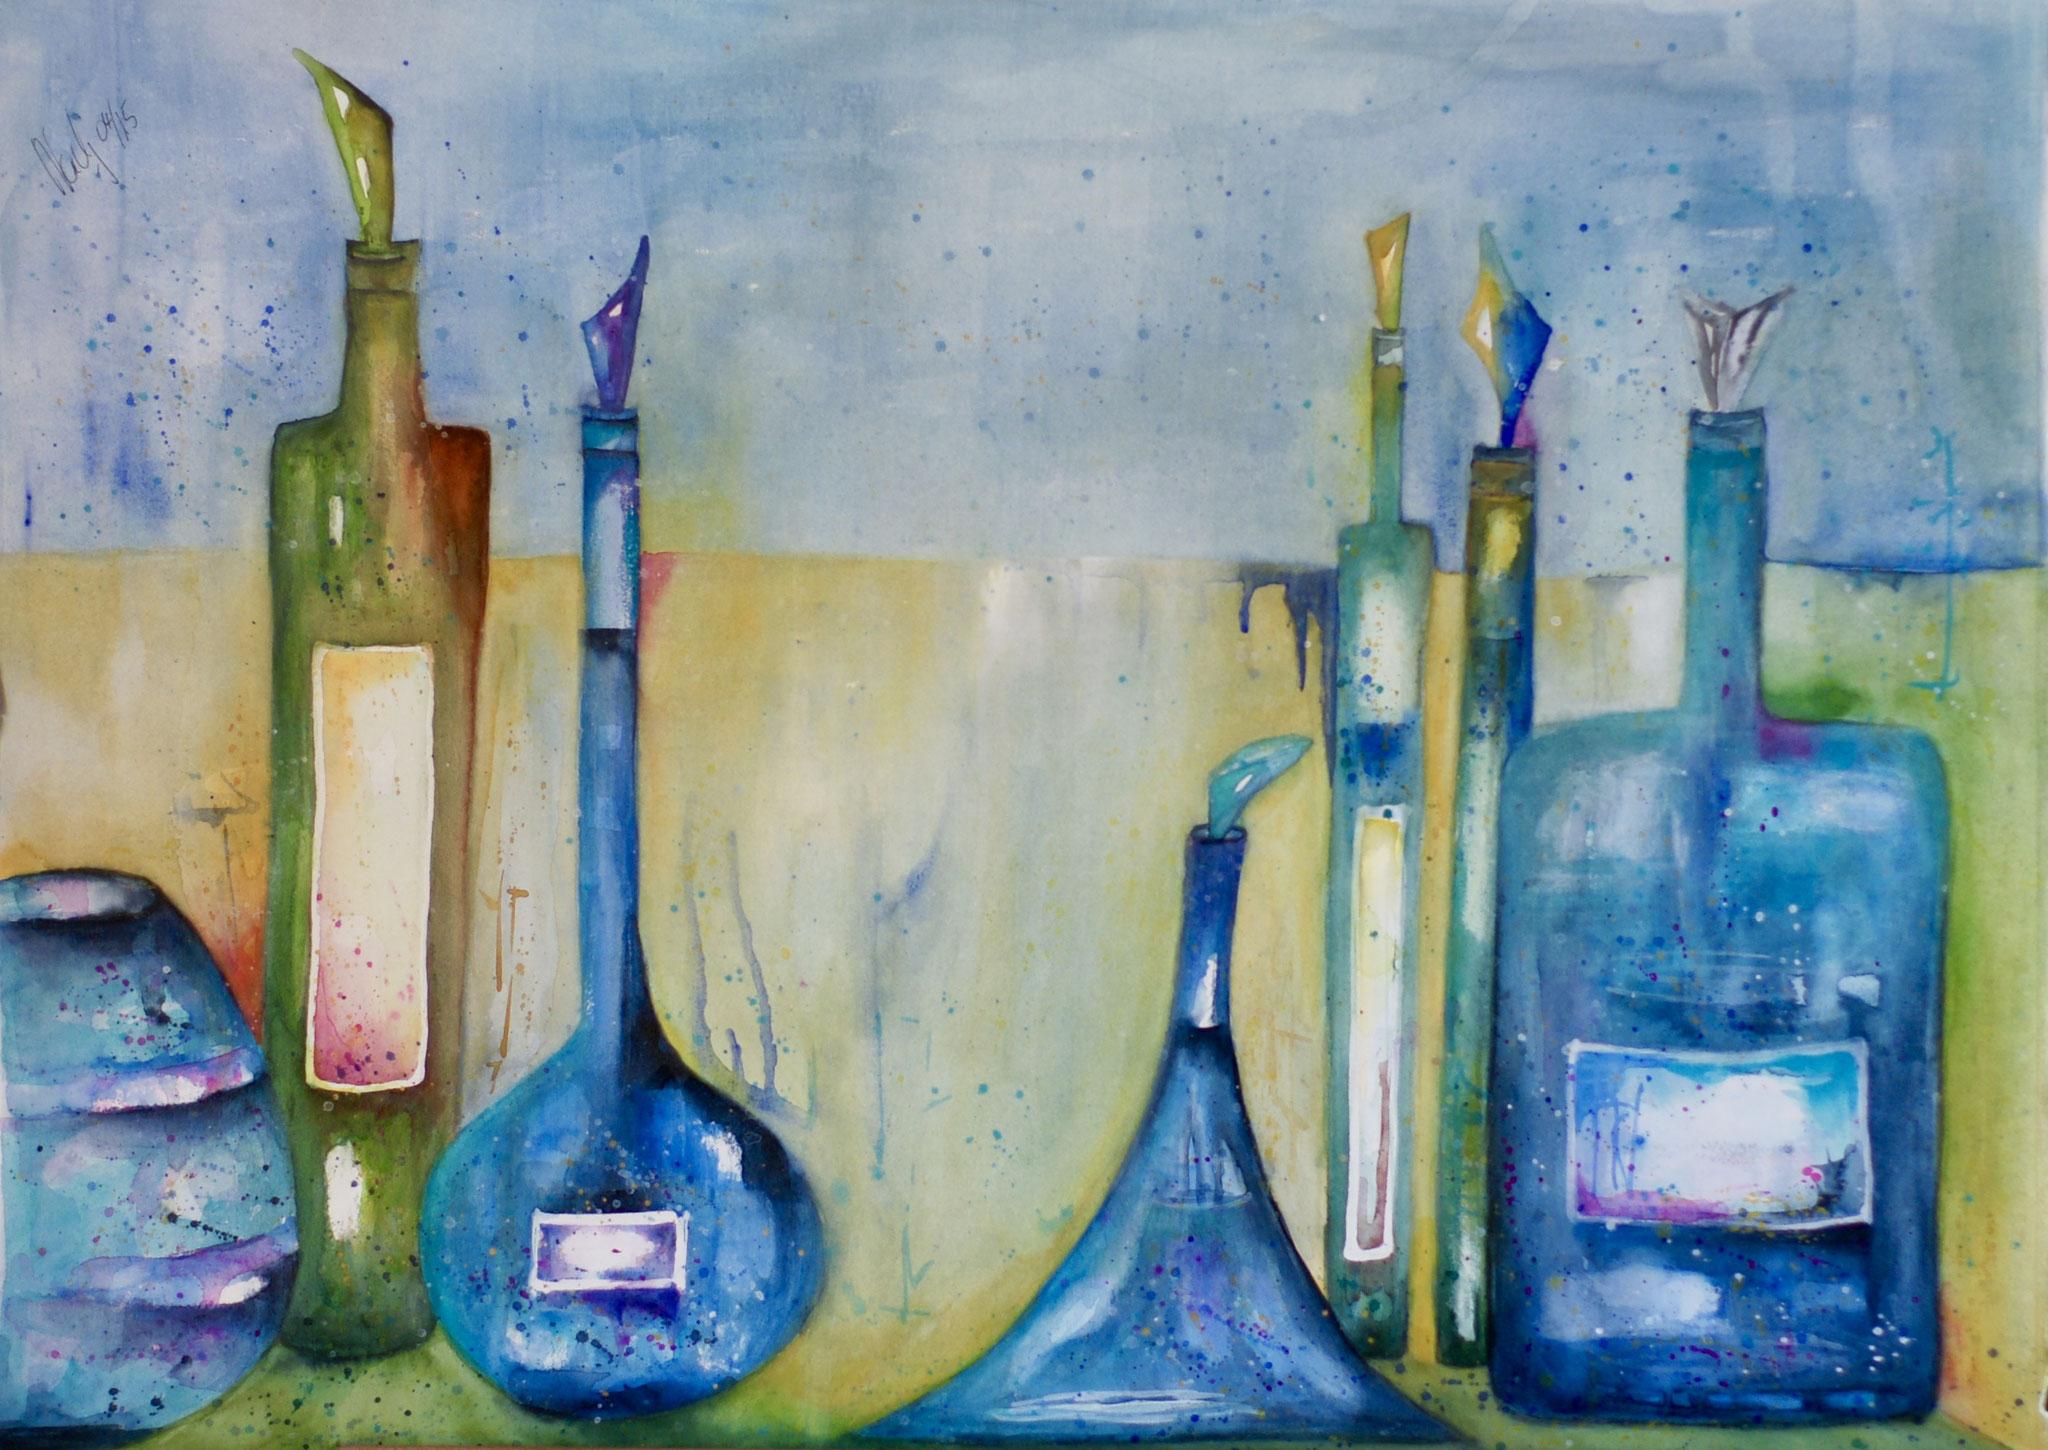 Flaschen 1 Aquarell 57X76cm Bild Nr.70 Preis auf Anfrage